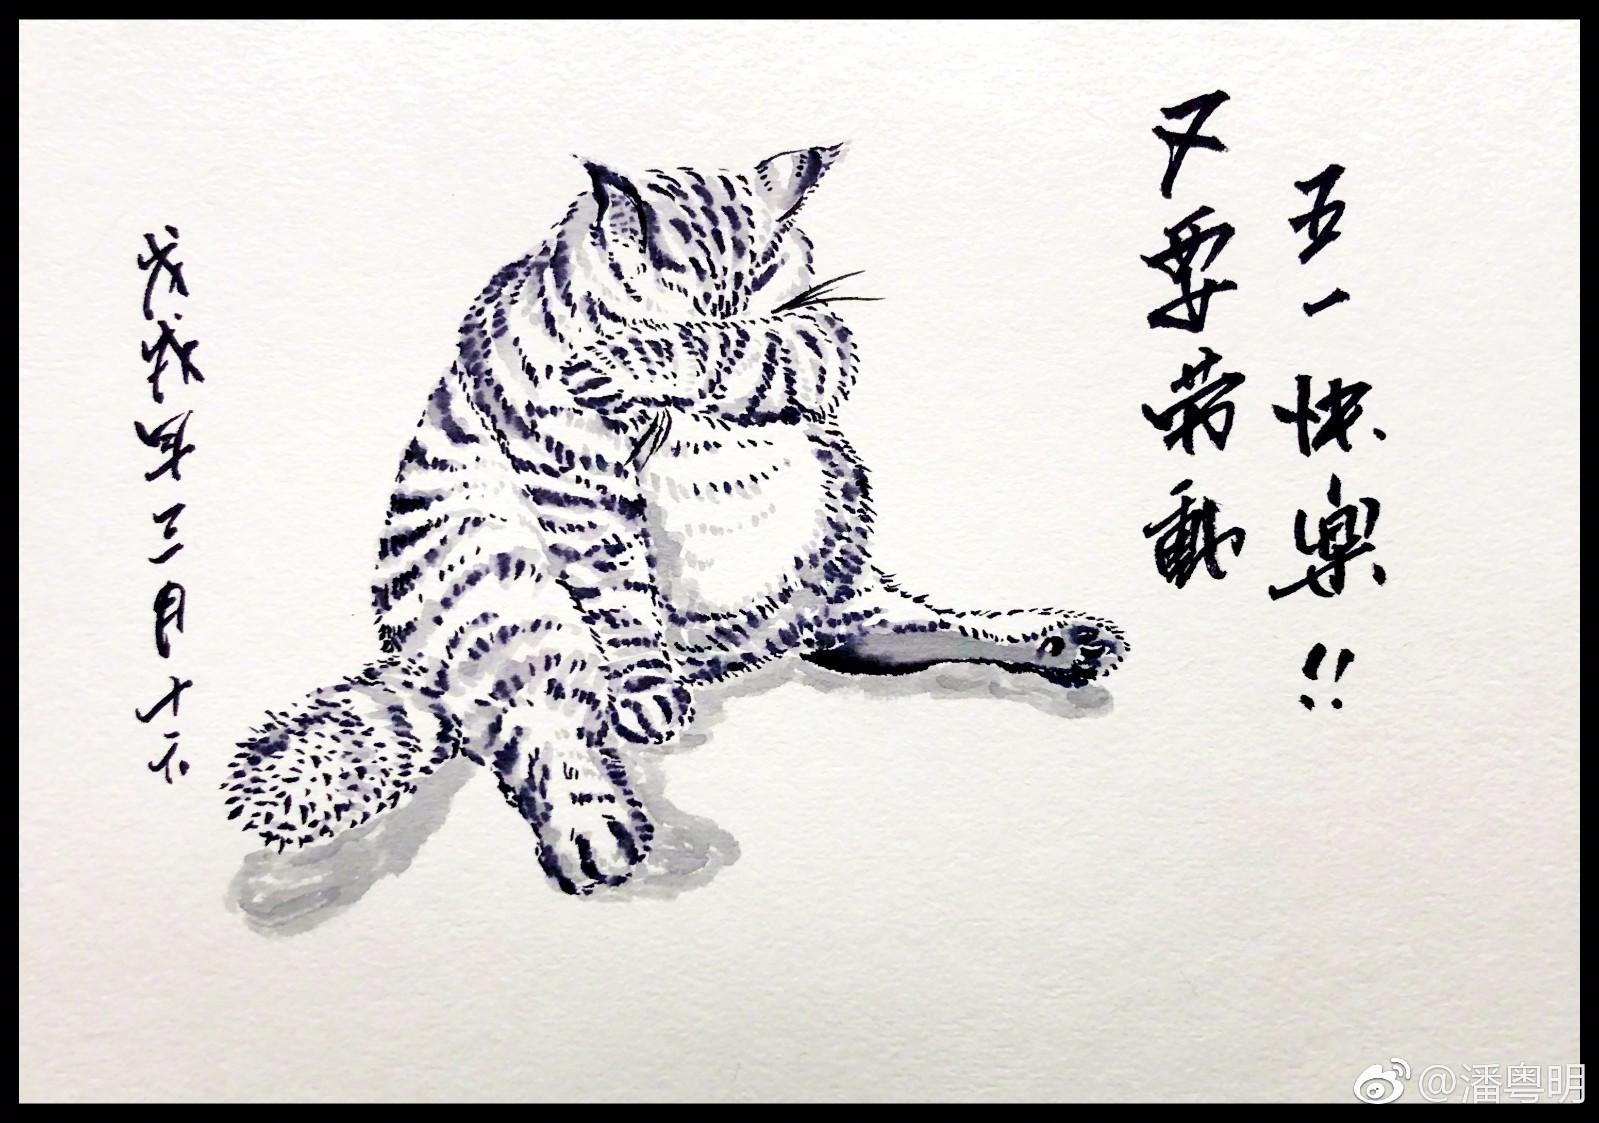 潘粤明手绘《复联3》灭霸,天才画手潘老师作品了解一